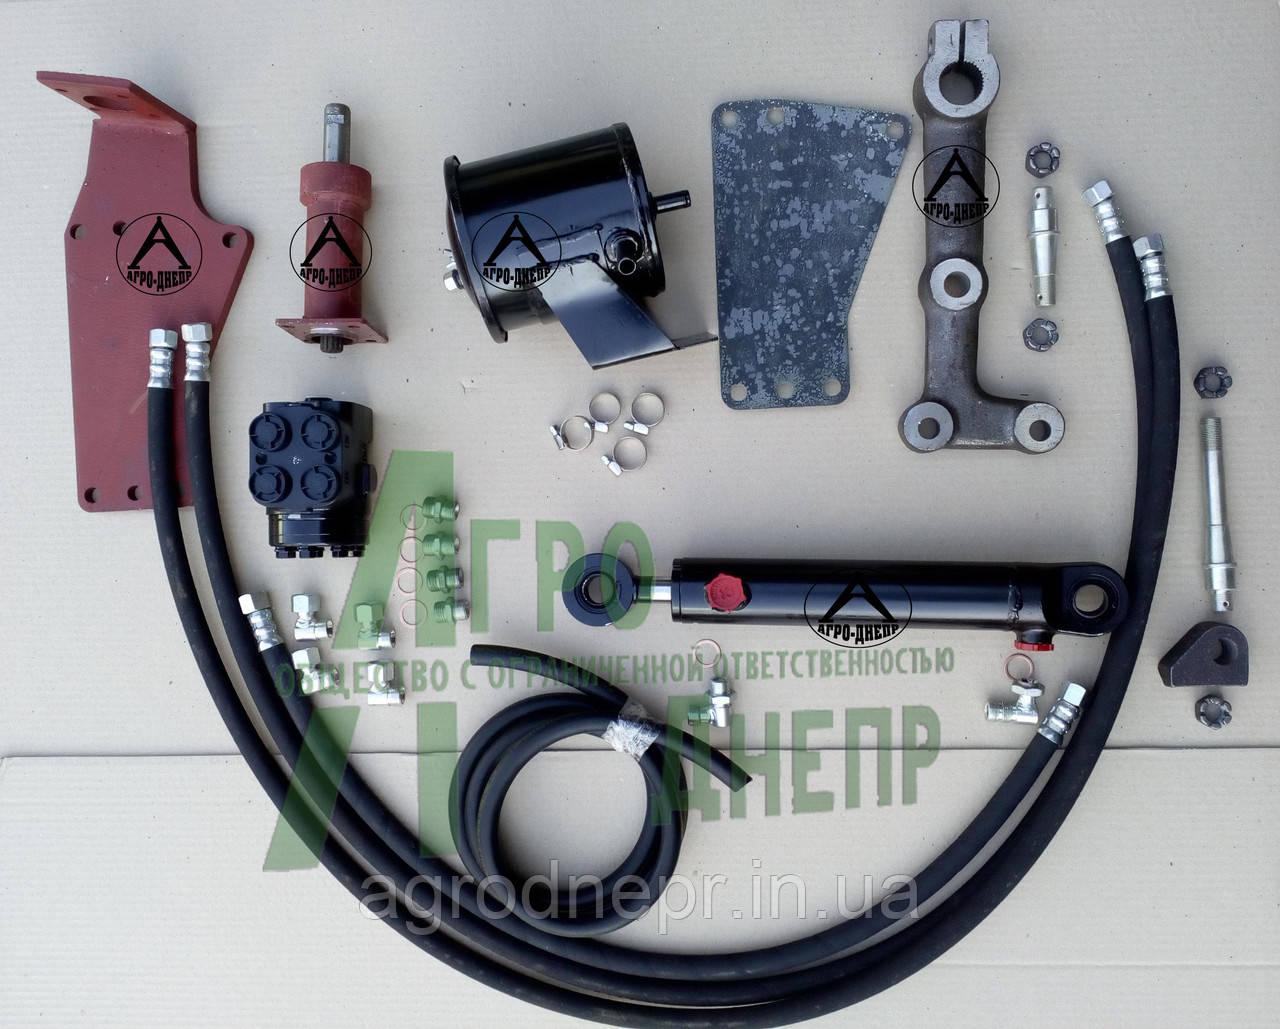 Управление рулевое гидрообъемное (с дозатором) на трактор ЮМЗ 8040-3400005-Б